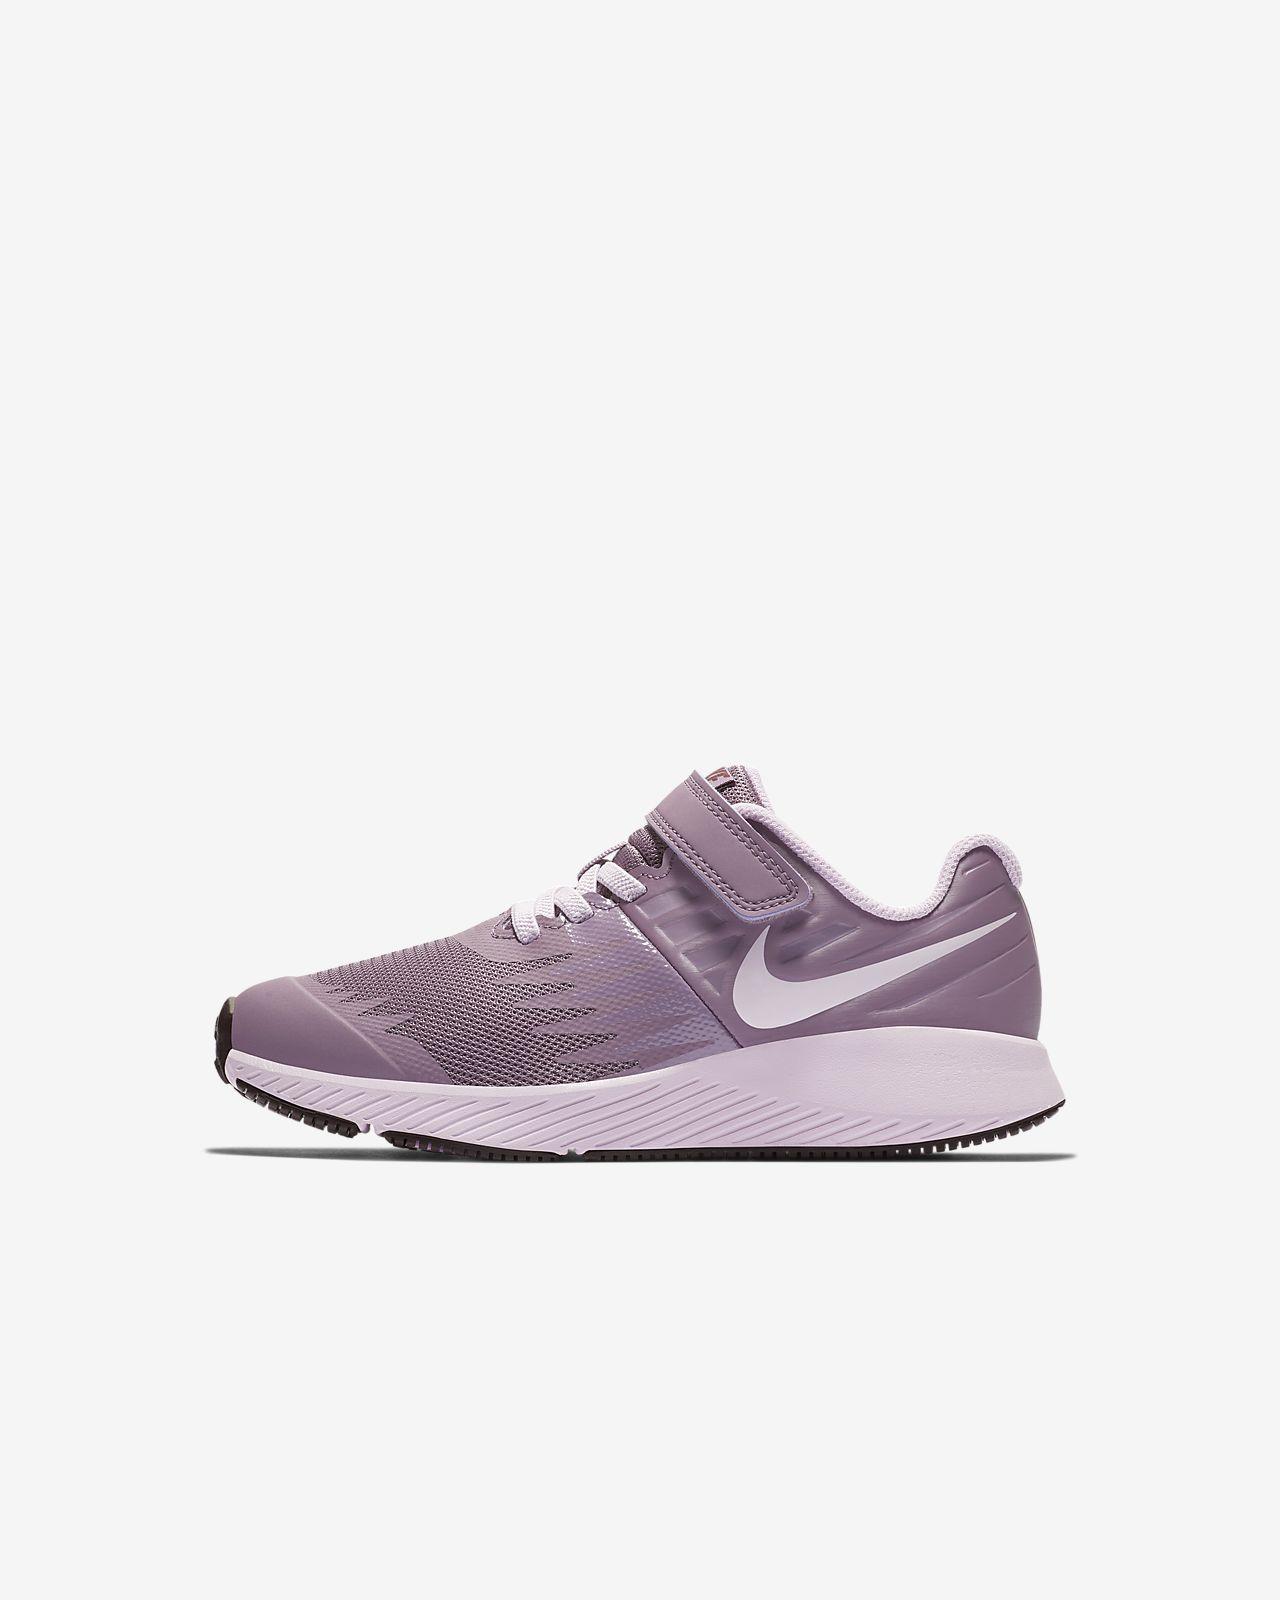 d26389472257 Nike Star Runner Little Kids  Shoe. Nike.com